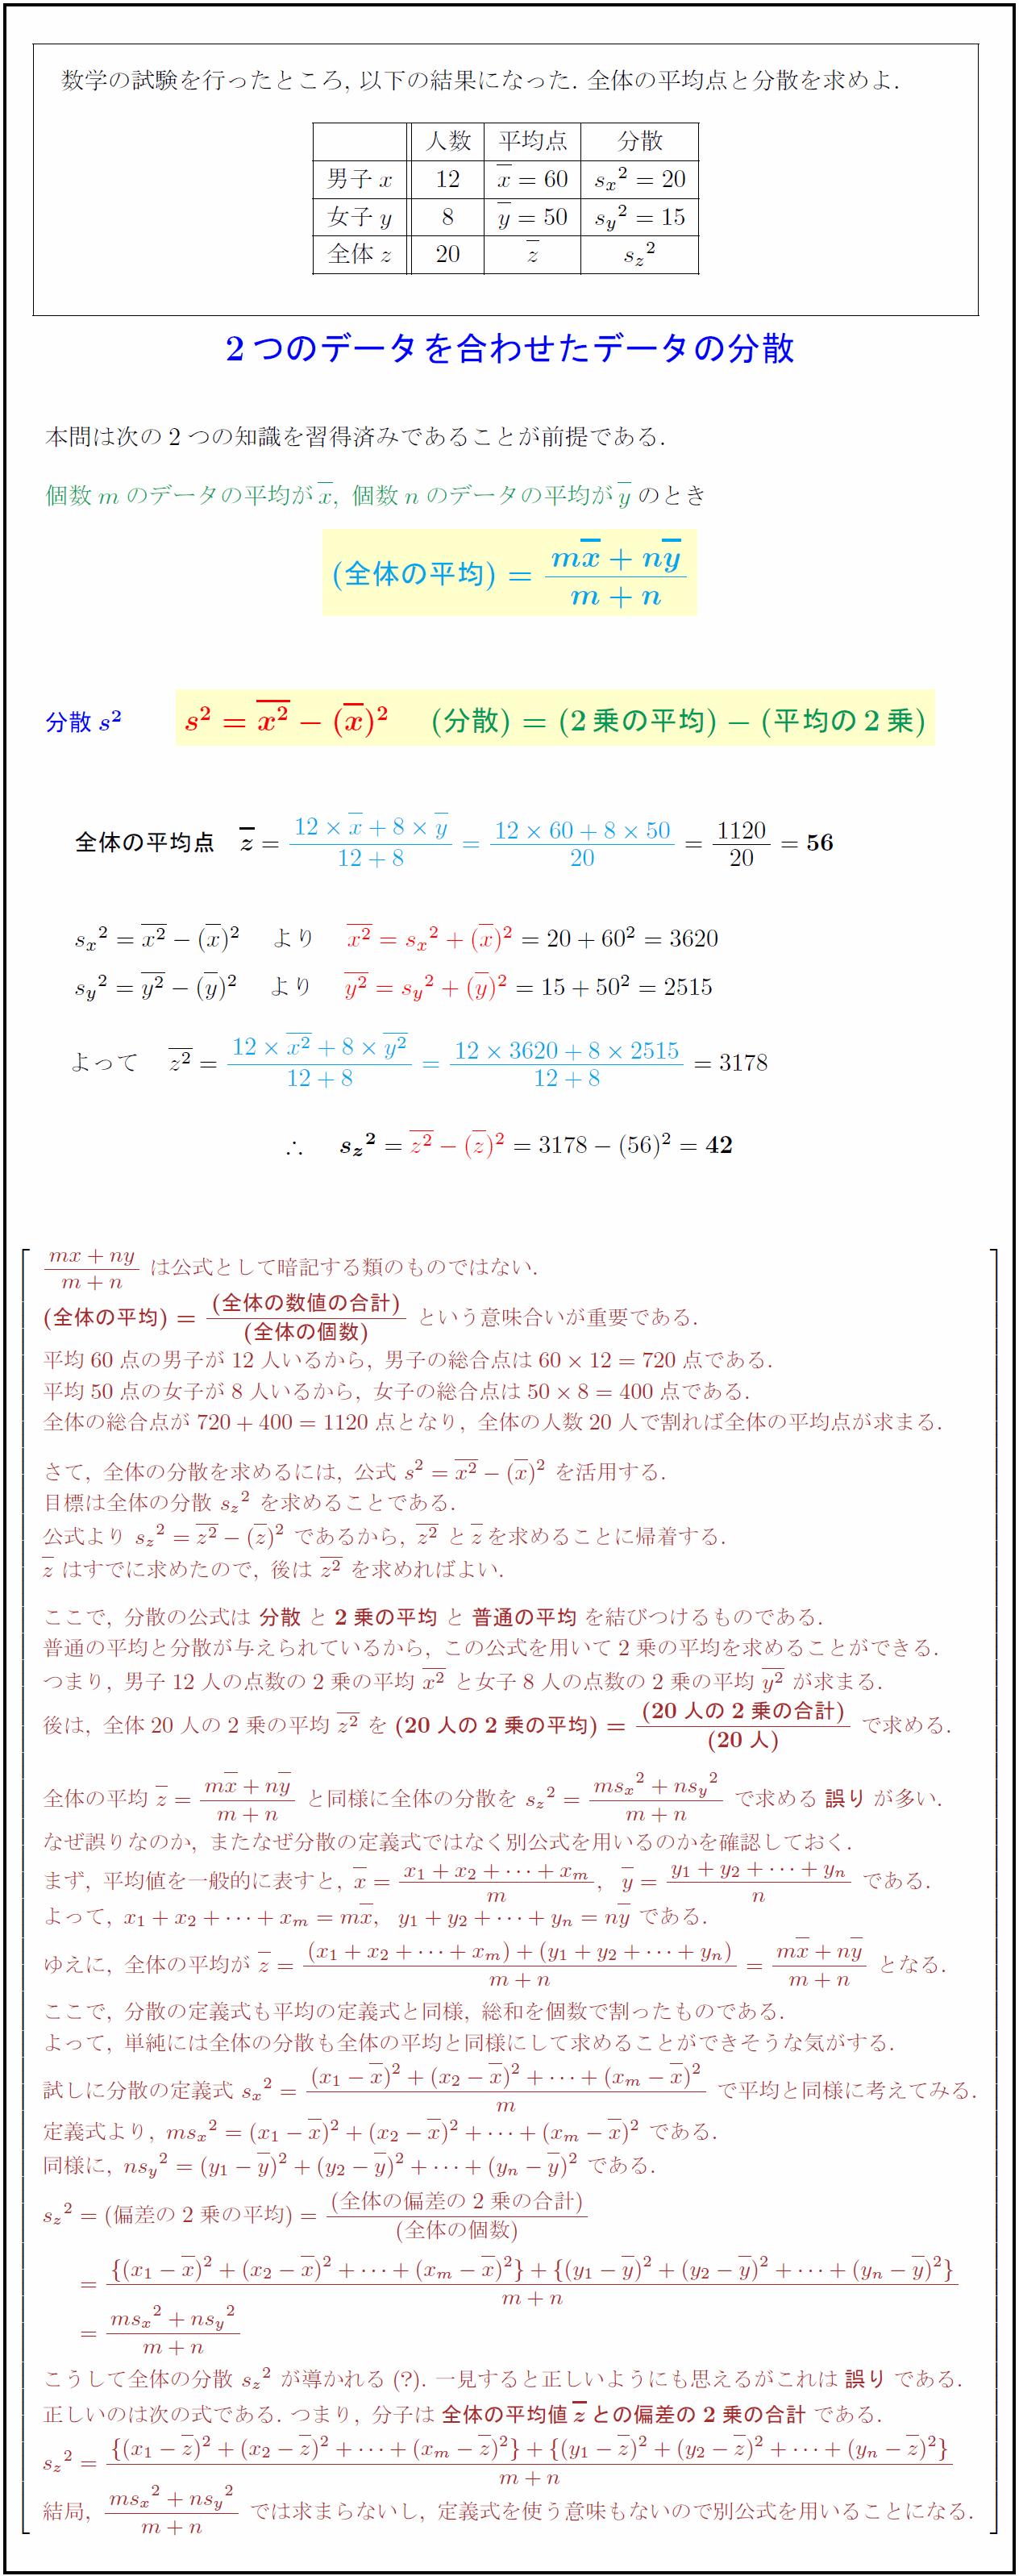 高校数学Ⅰ】2つのデータを合わせたデータの分散 | 受験の月